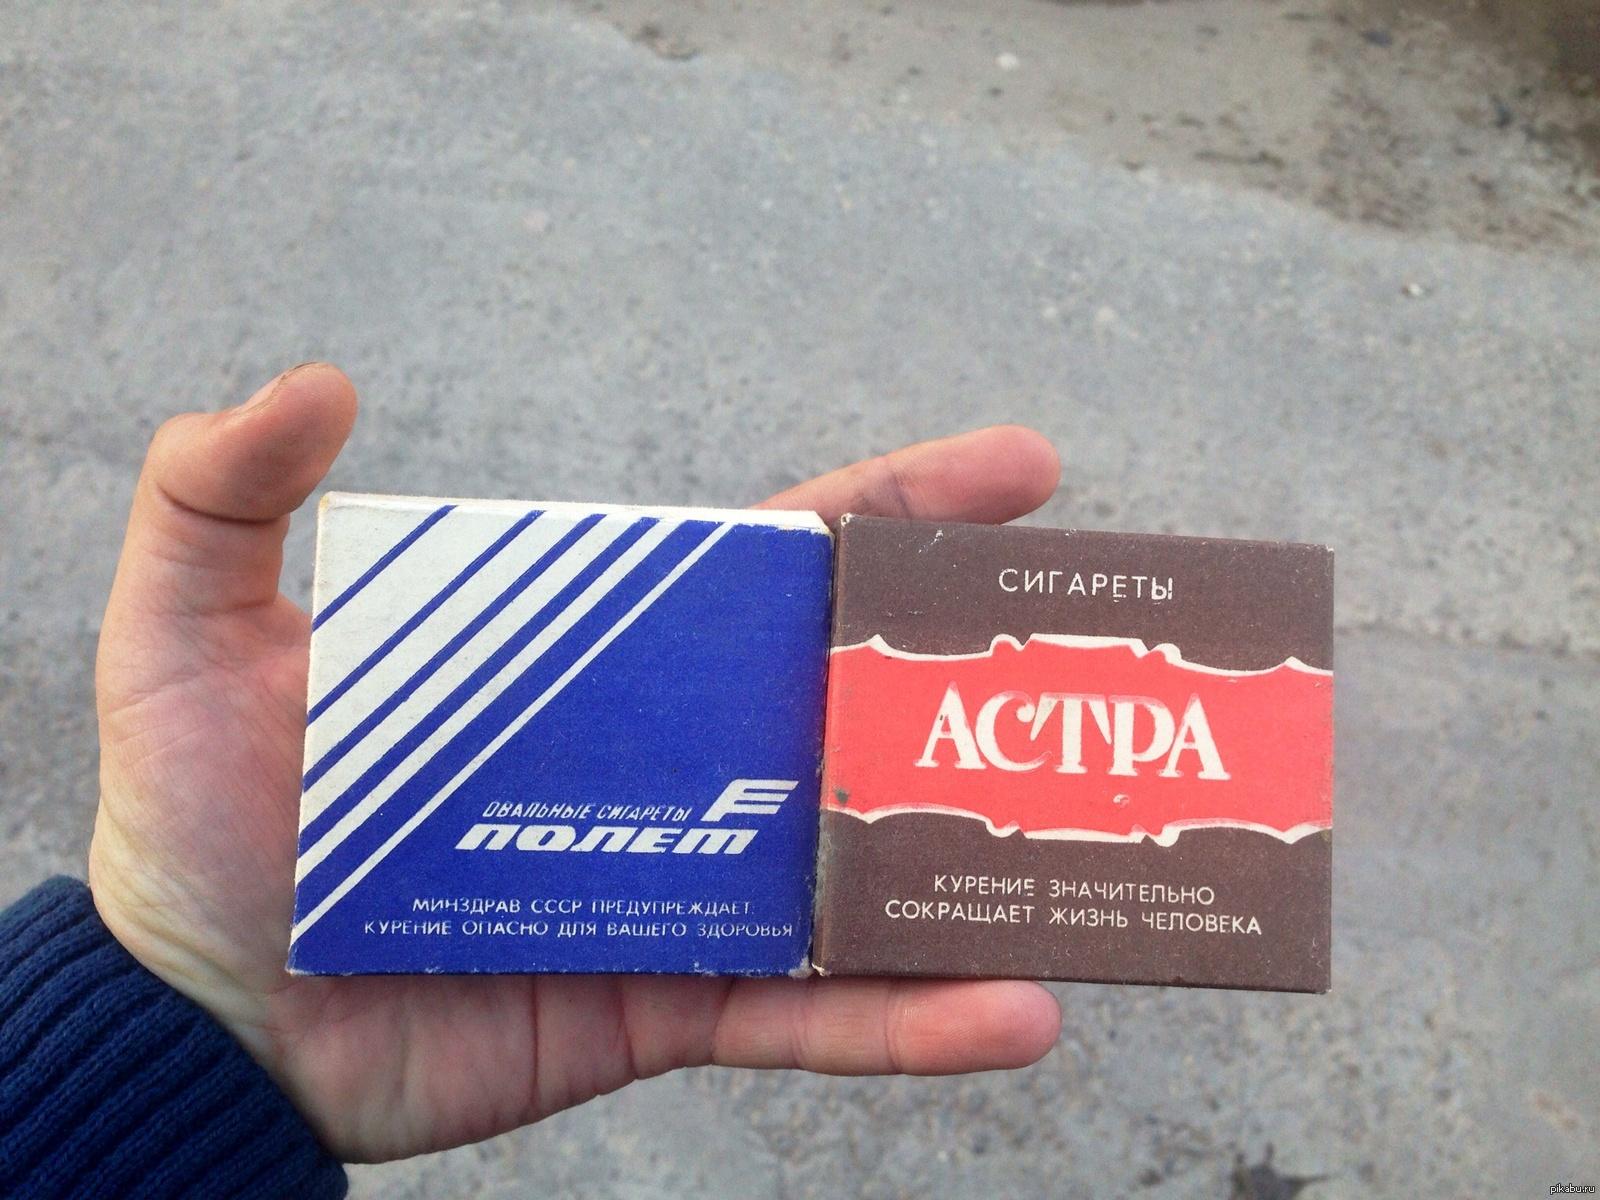 куплю сигареты полет без фильтра